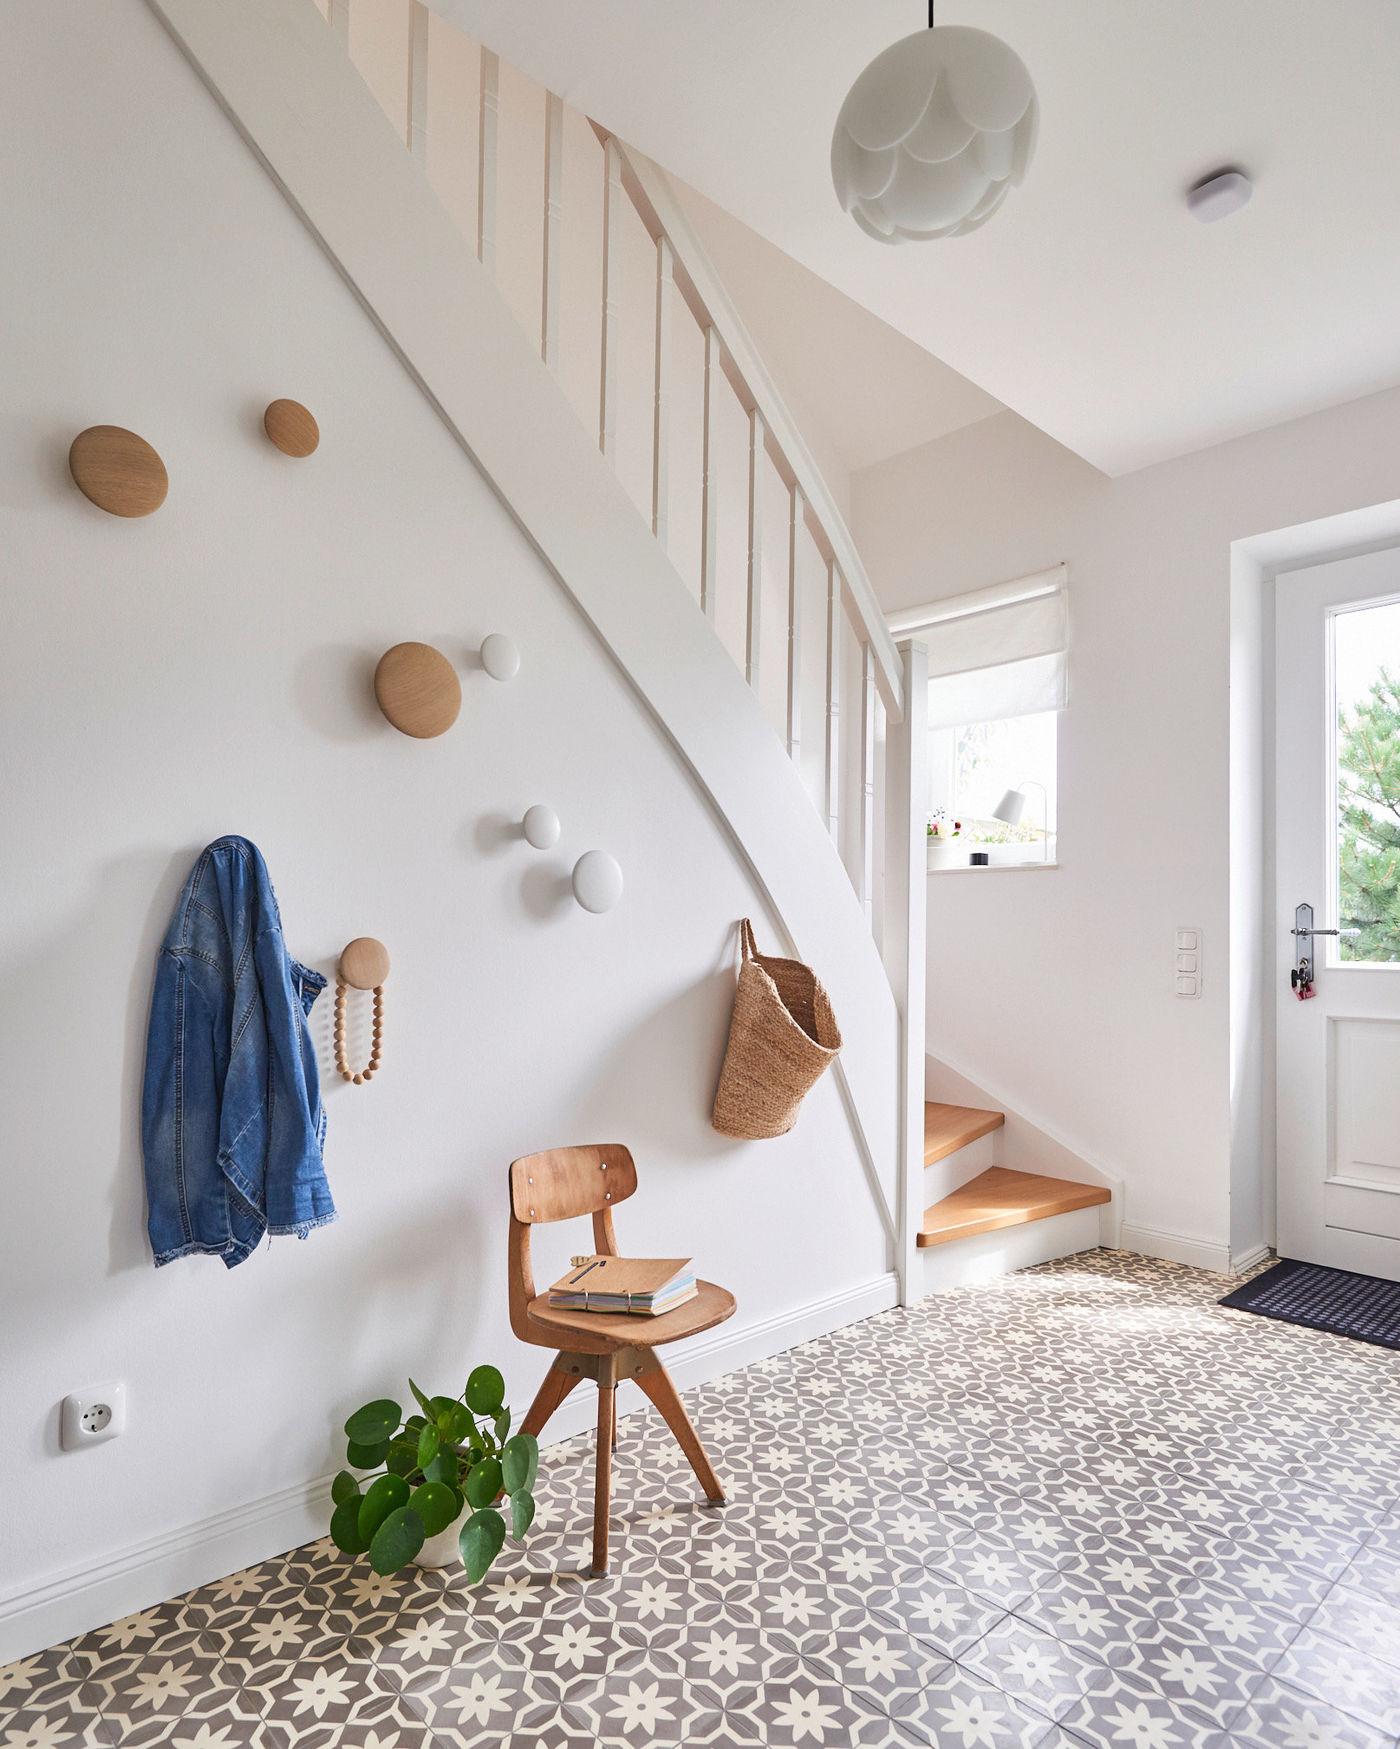 Wandgestaltung Treppenaufgang Gestalten: Treppengelander Verkleiden Stoff